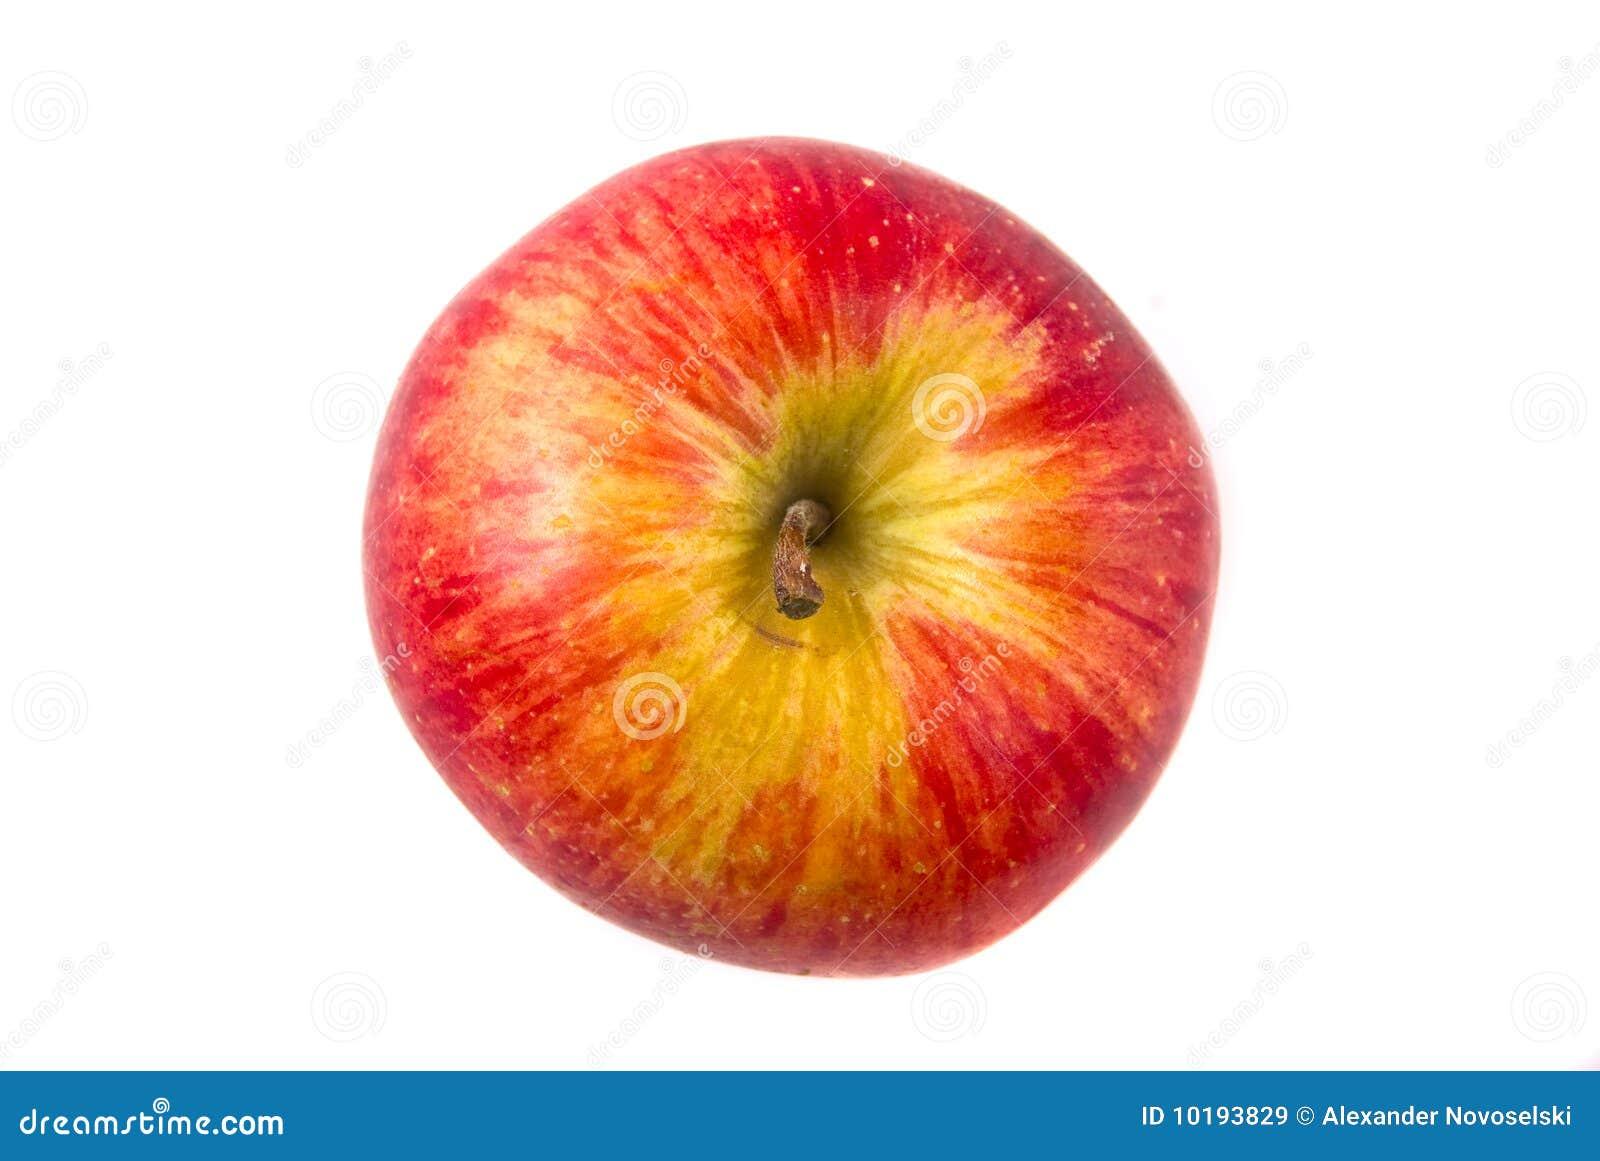 Top Apple